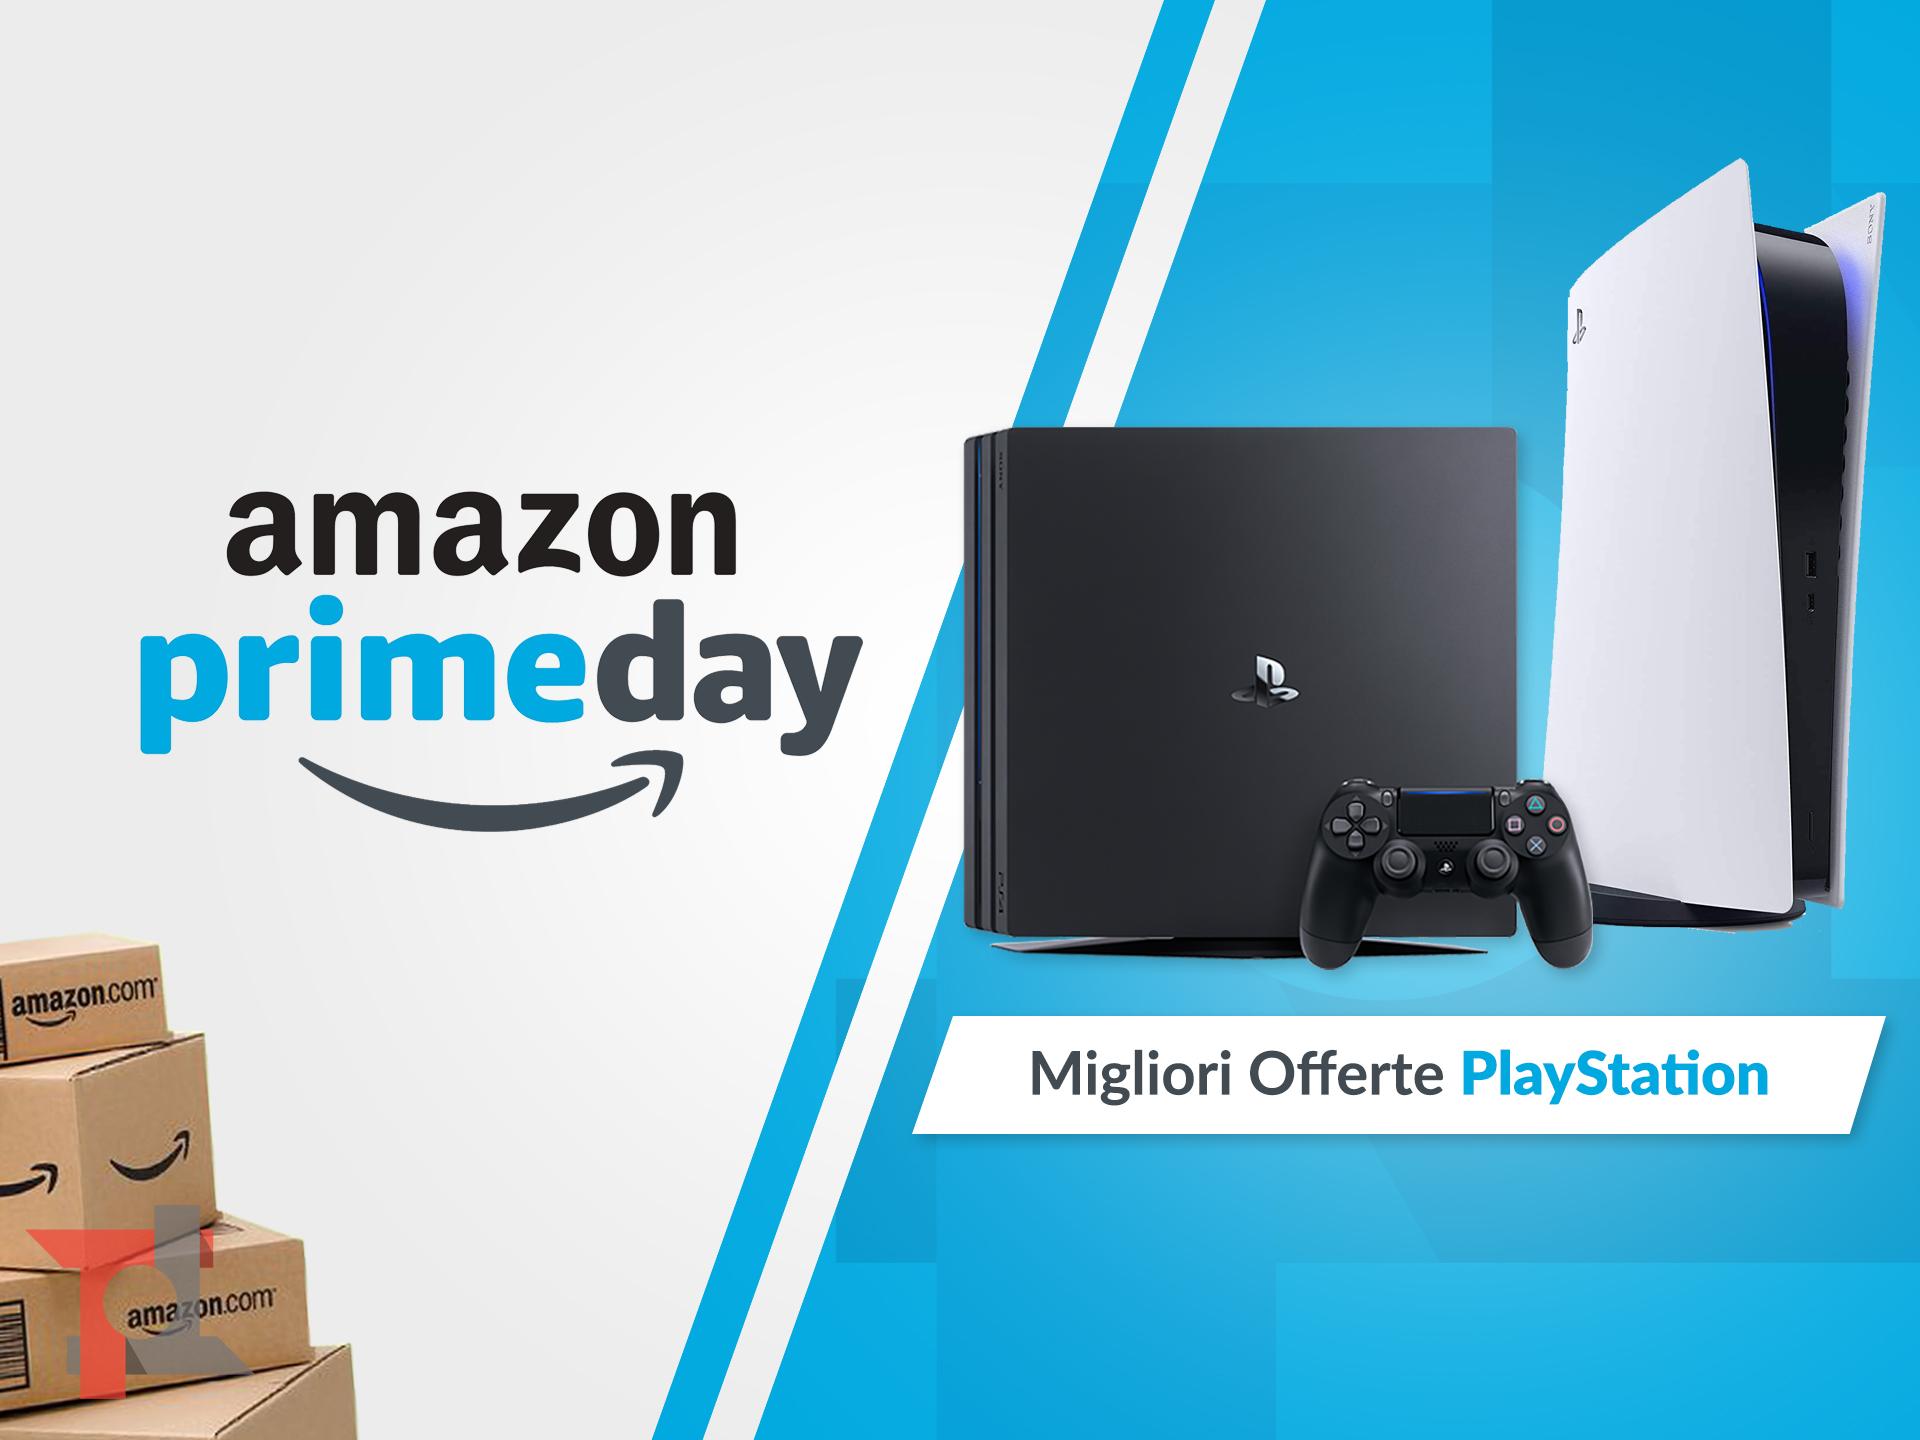 migliori offerte amazon prime day playstation